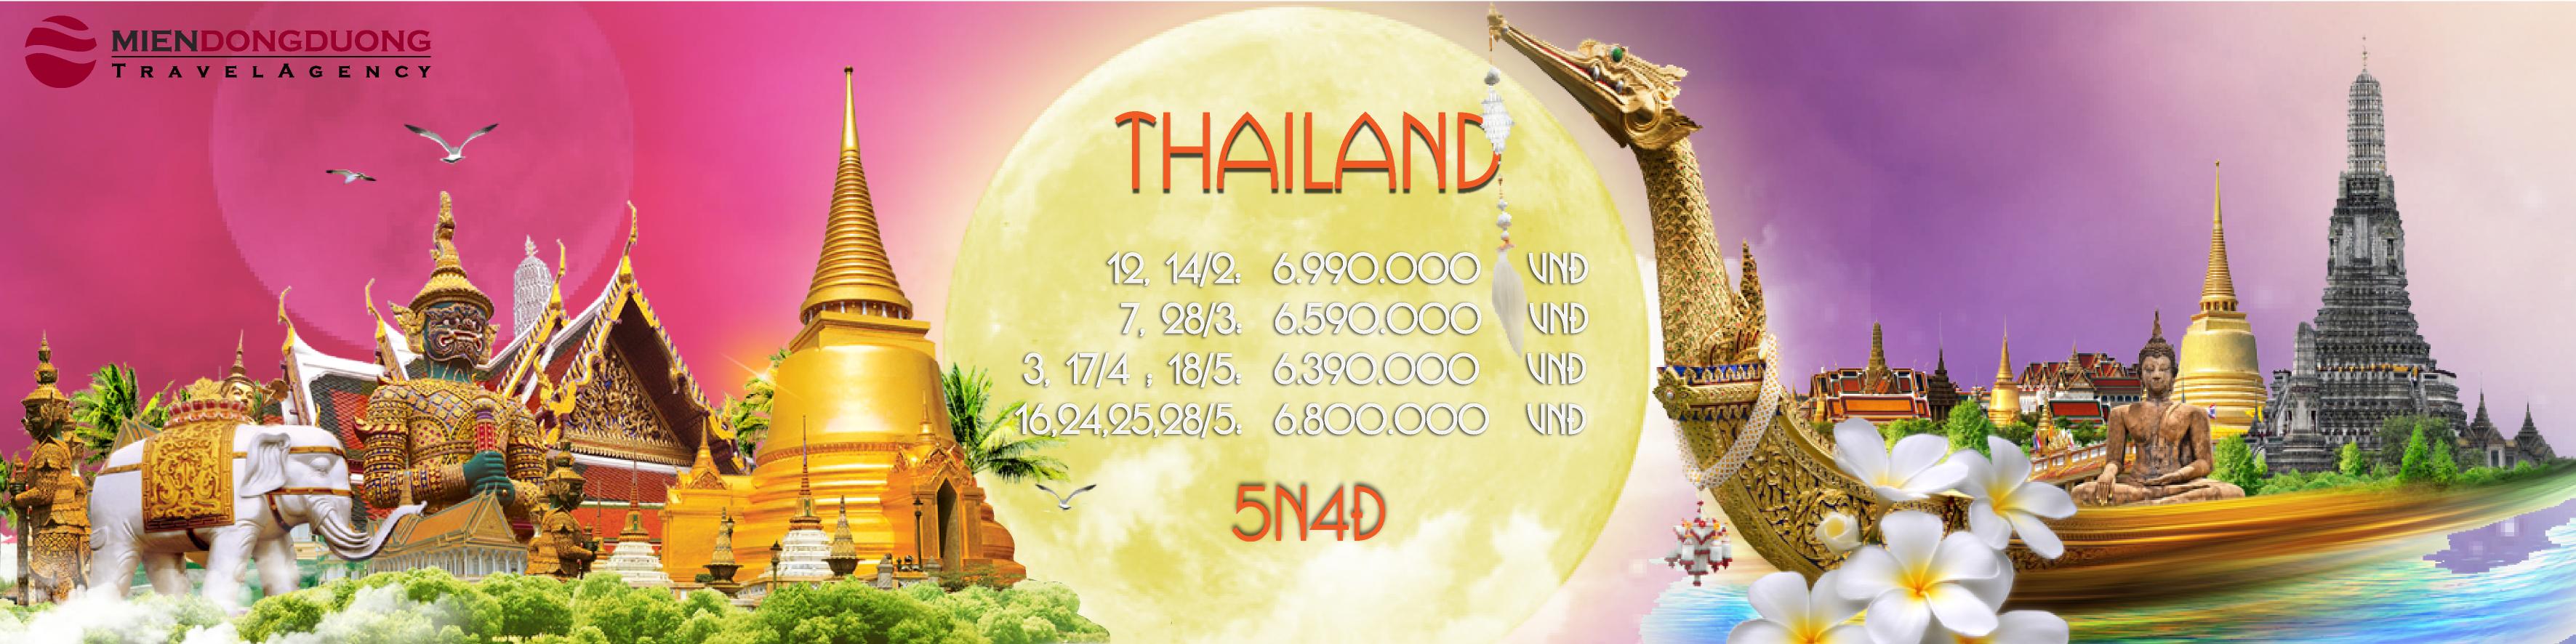 http://miendongduong.com/ha-noi-bangkok-pattaya-5n4d-vietjet-air